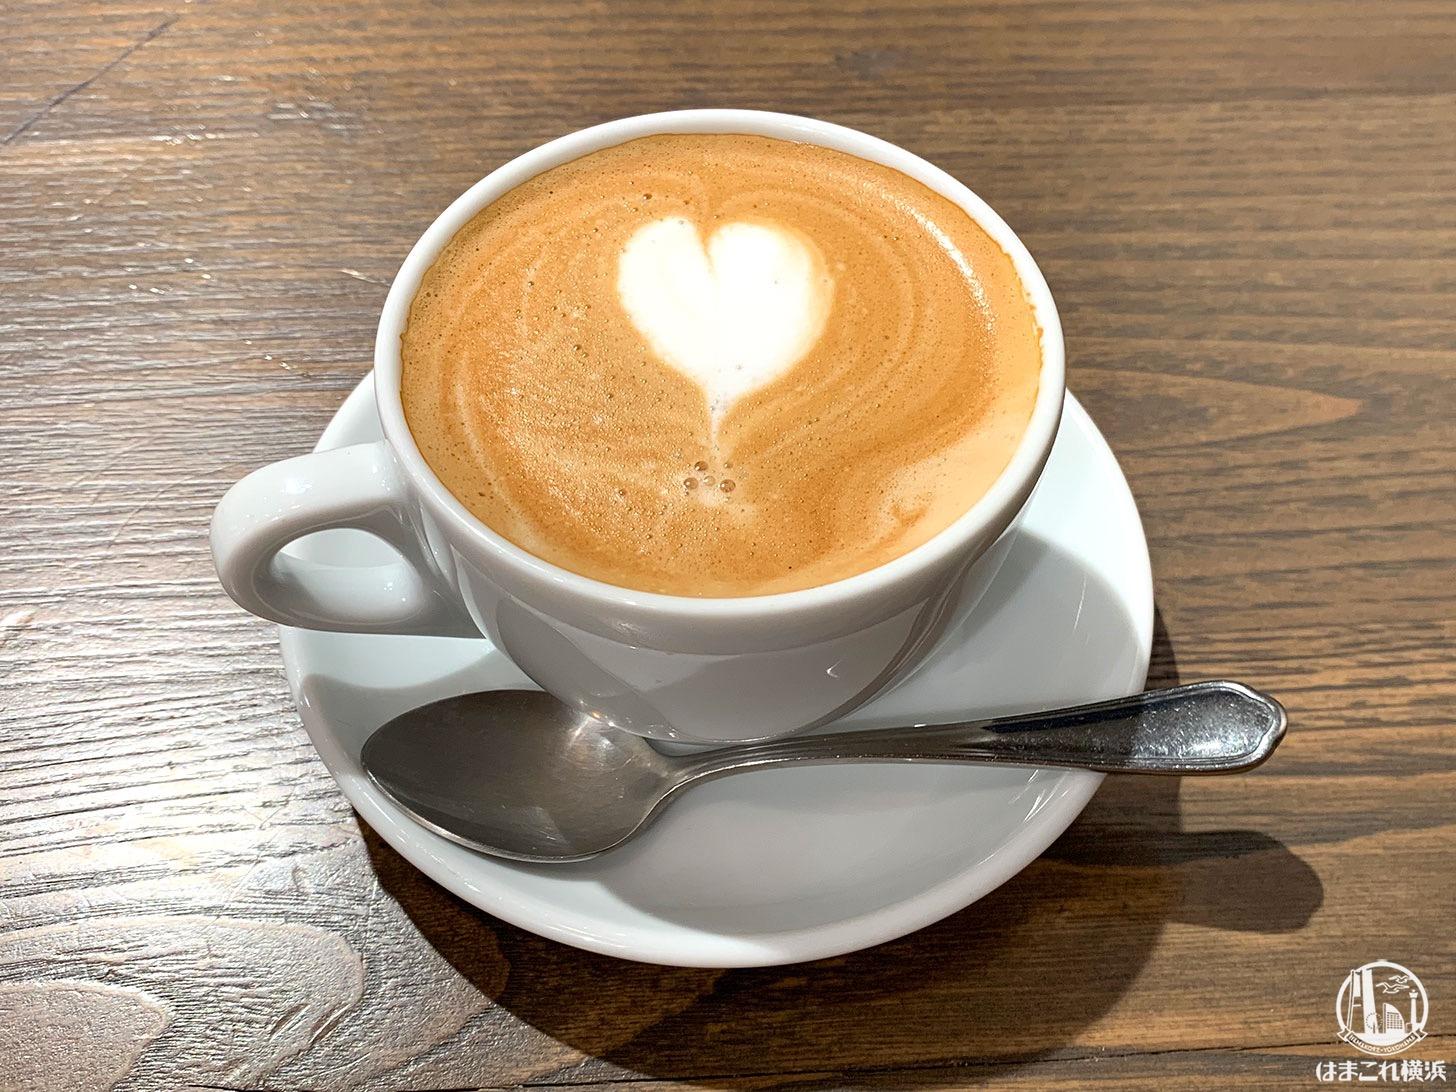 キャラバンコーヒー 元町店 カフェラテ